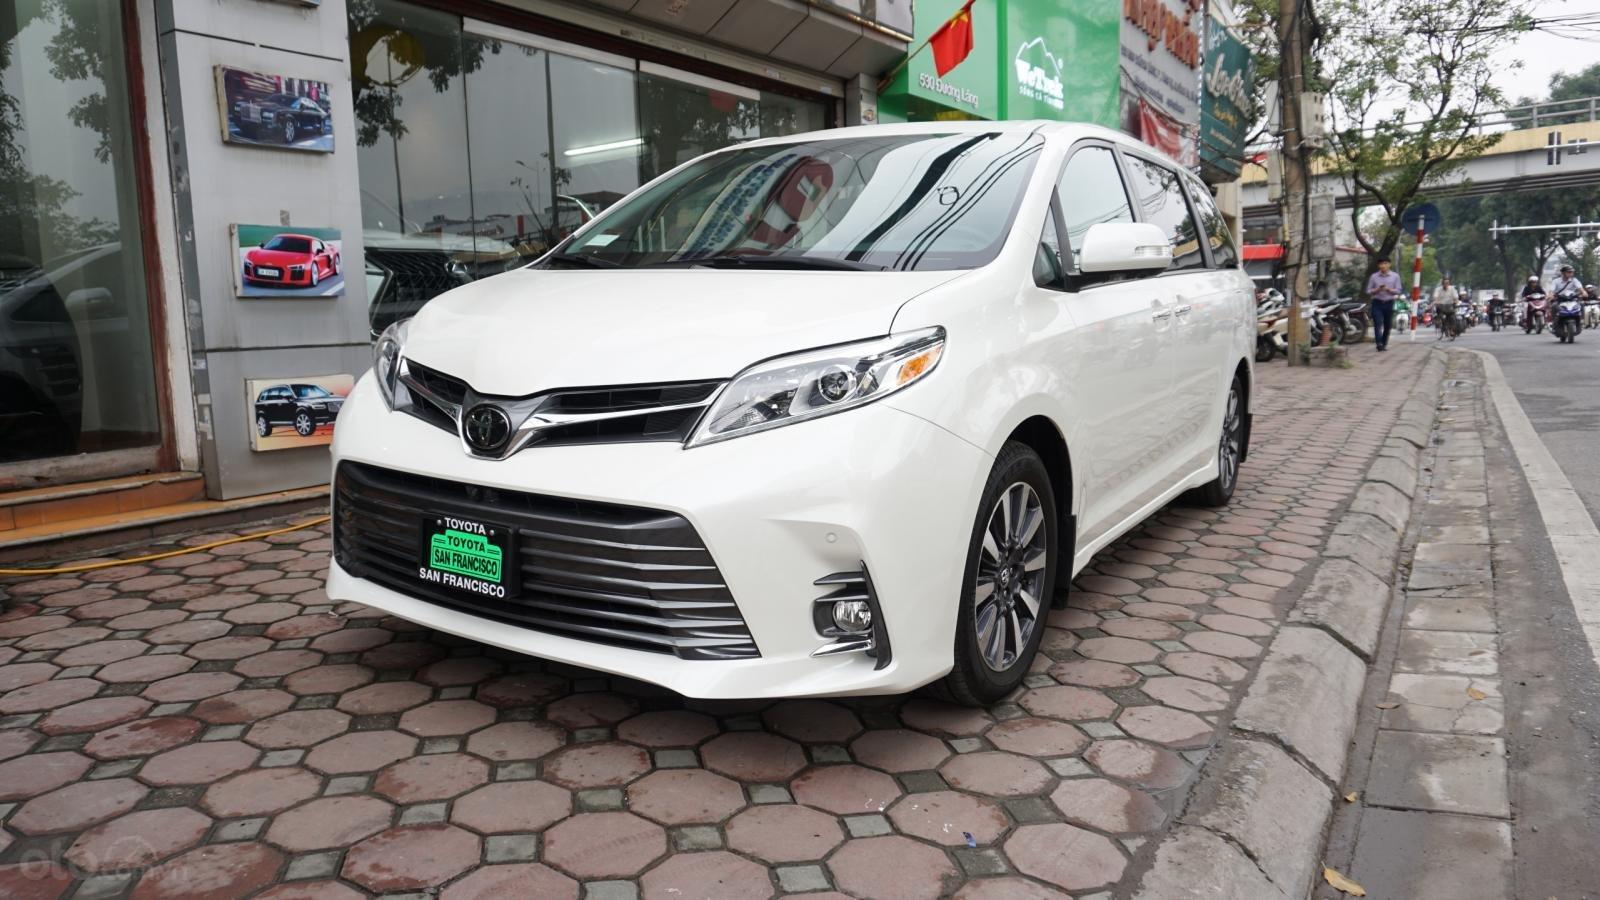 Bán Toyota Sienna Limited 1 cầu 2020 giao ngay, giá tốt nhất, LH 094.539.2468 Ms Hương (3)